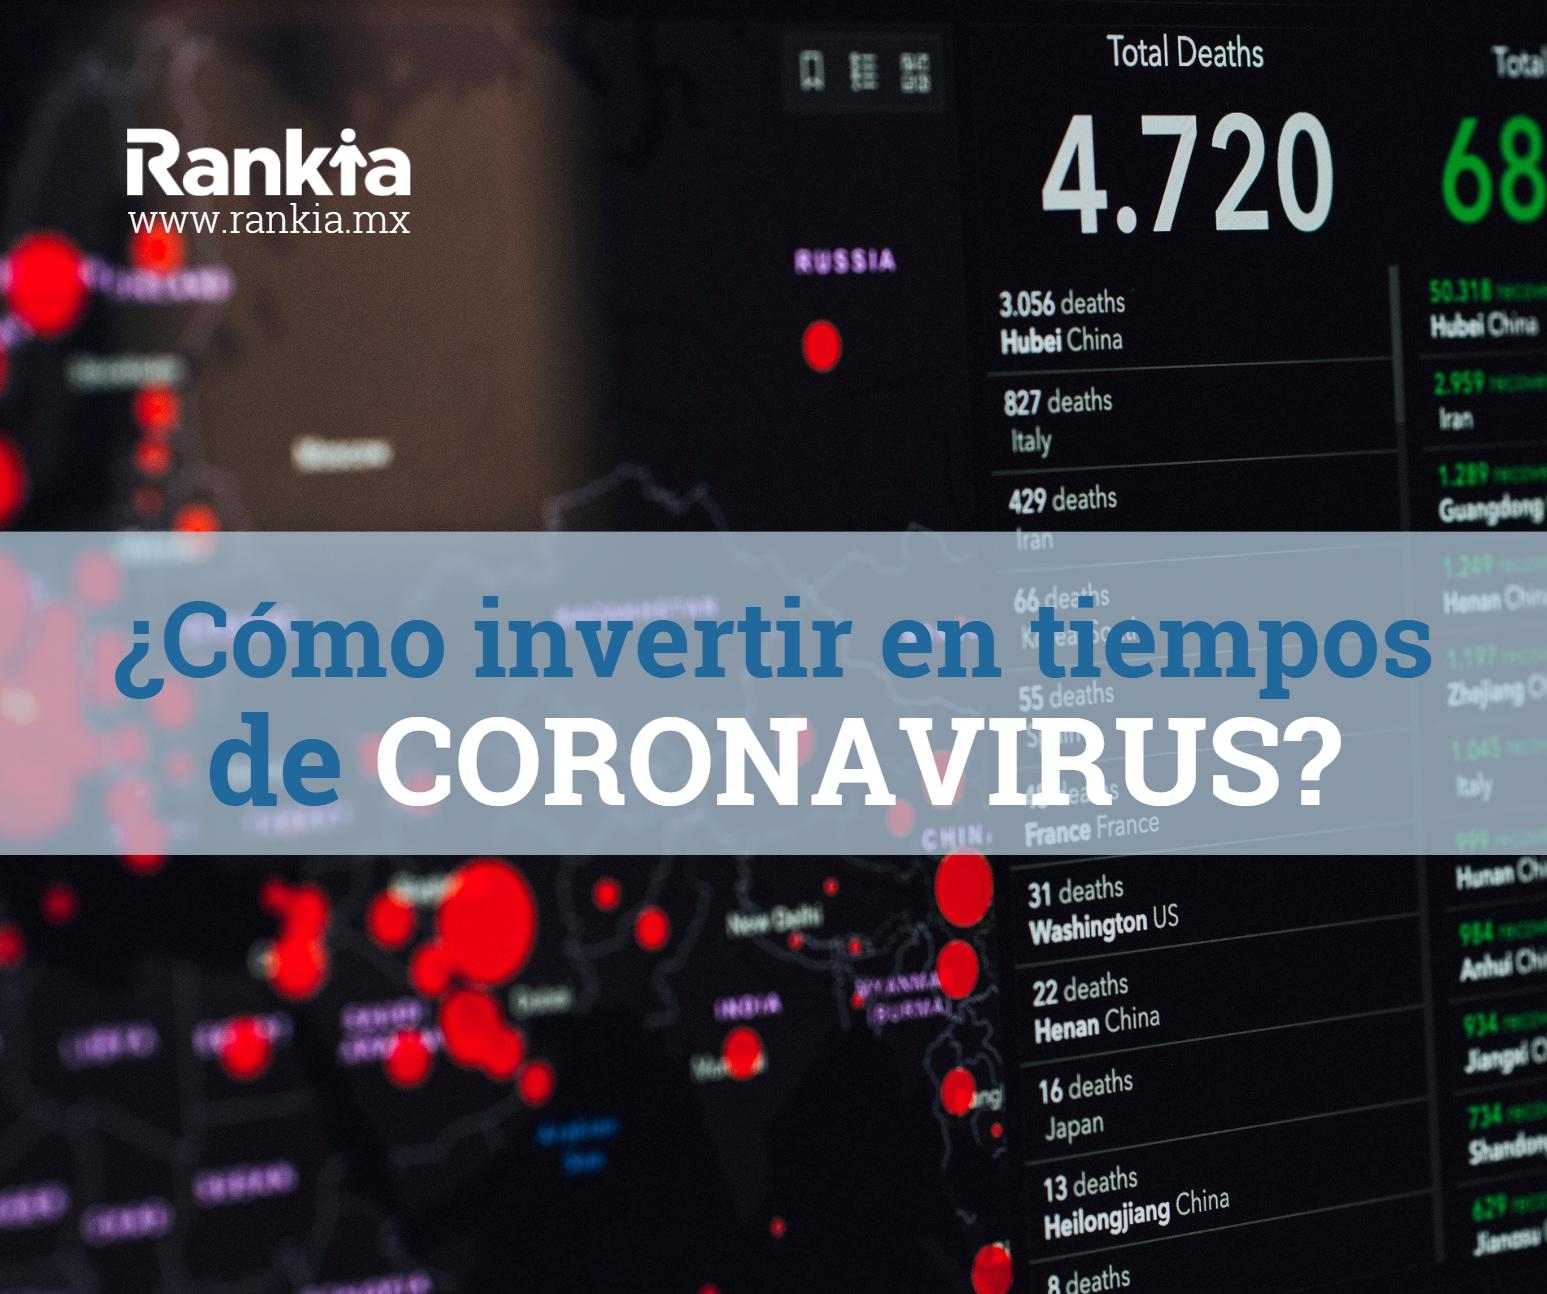 Inversión en tiempos de coronavirus